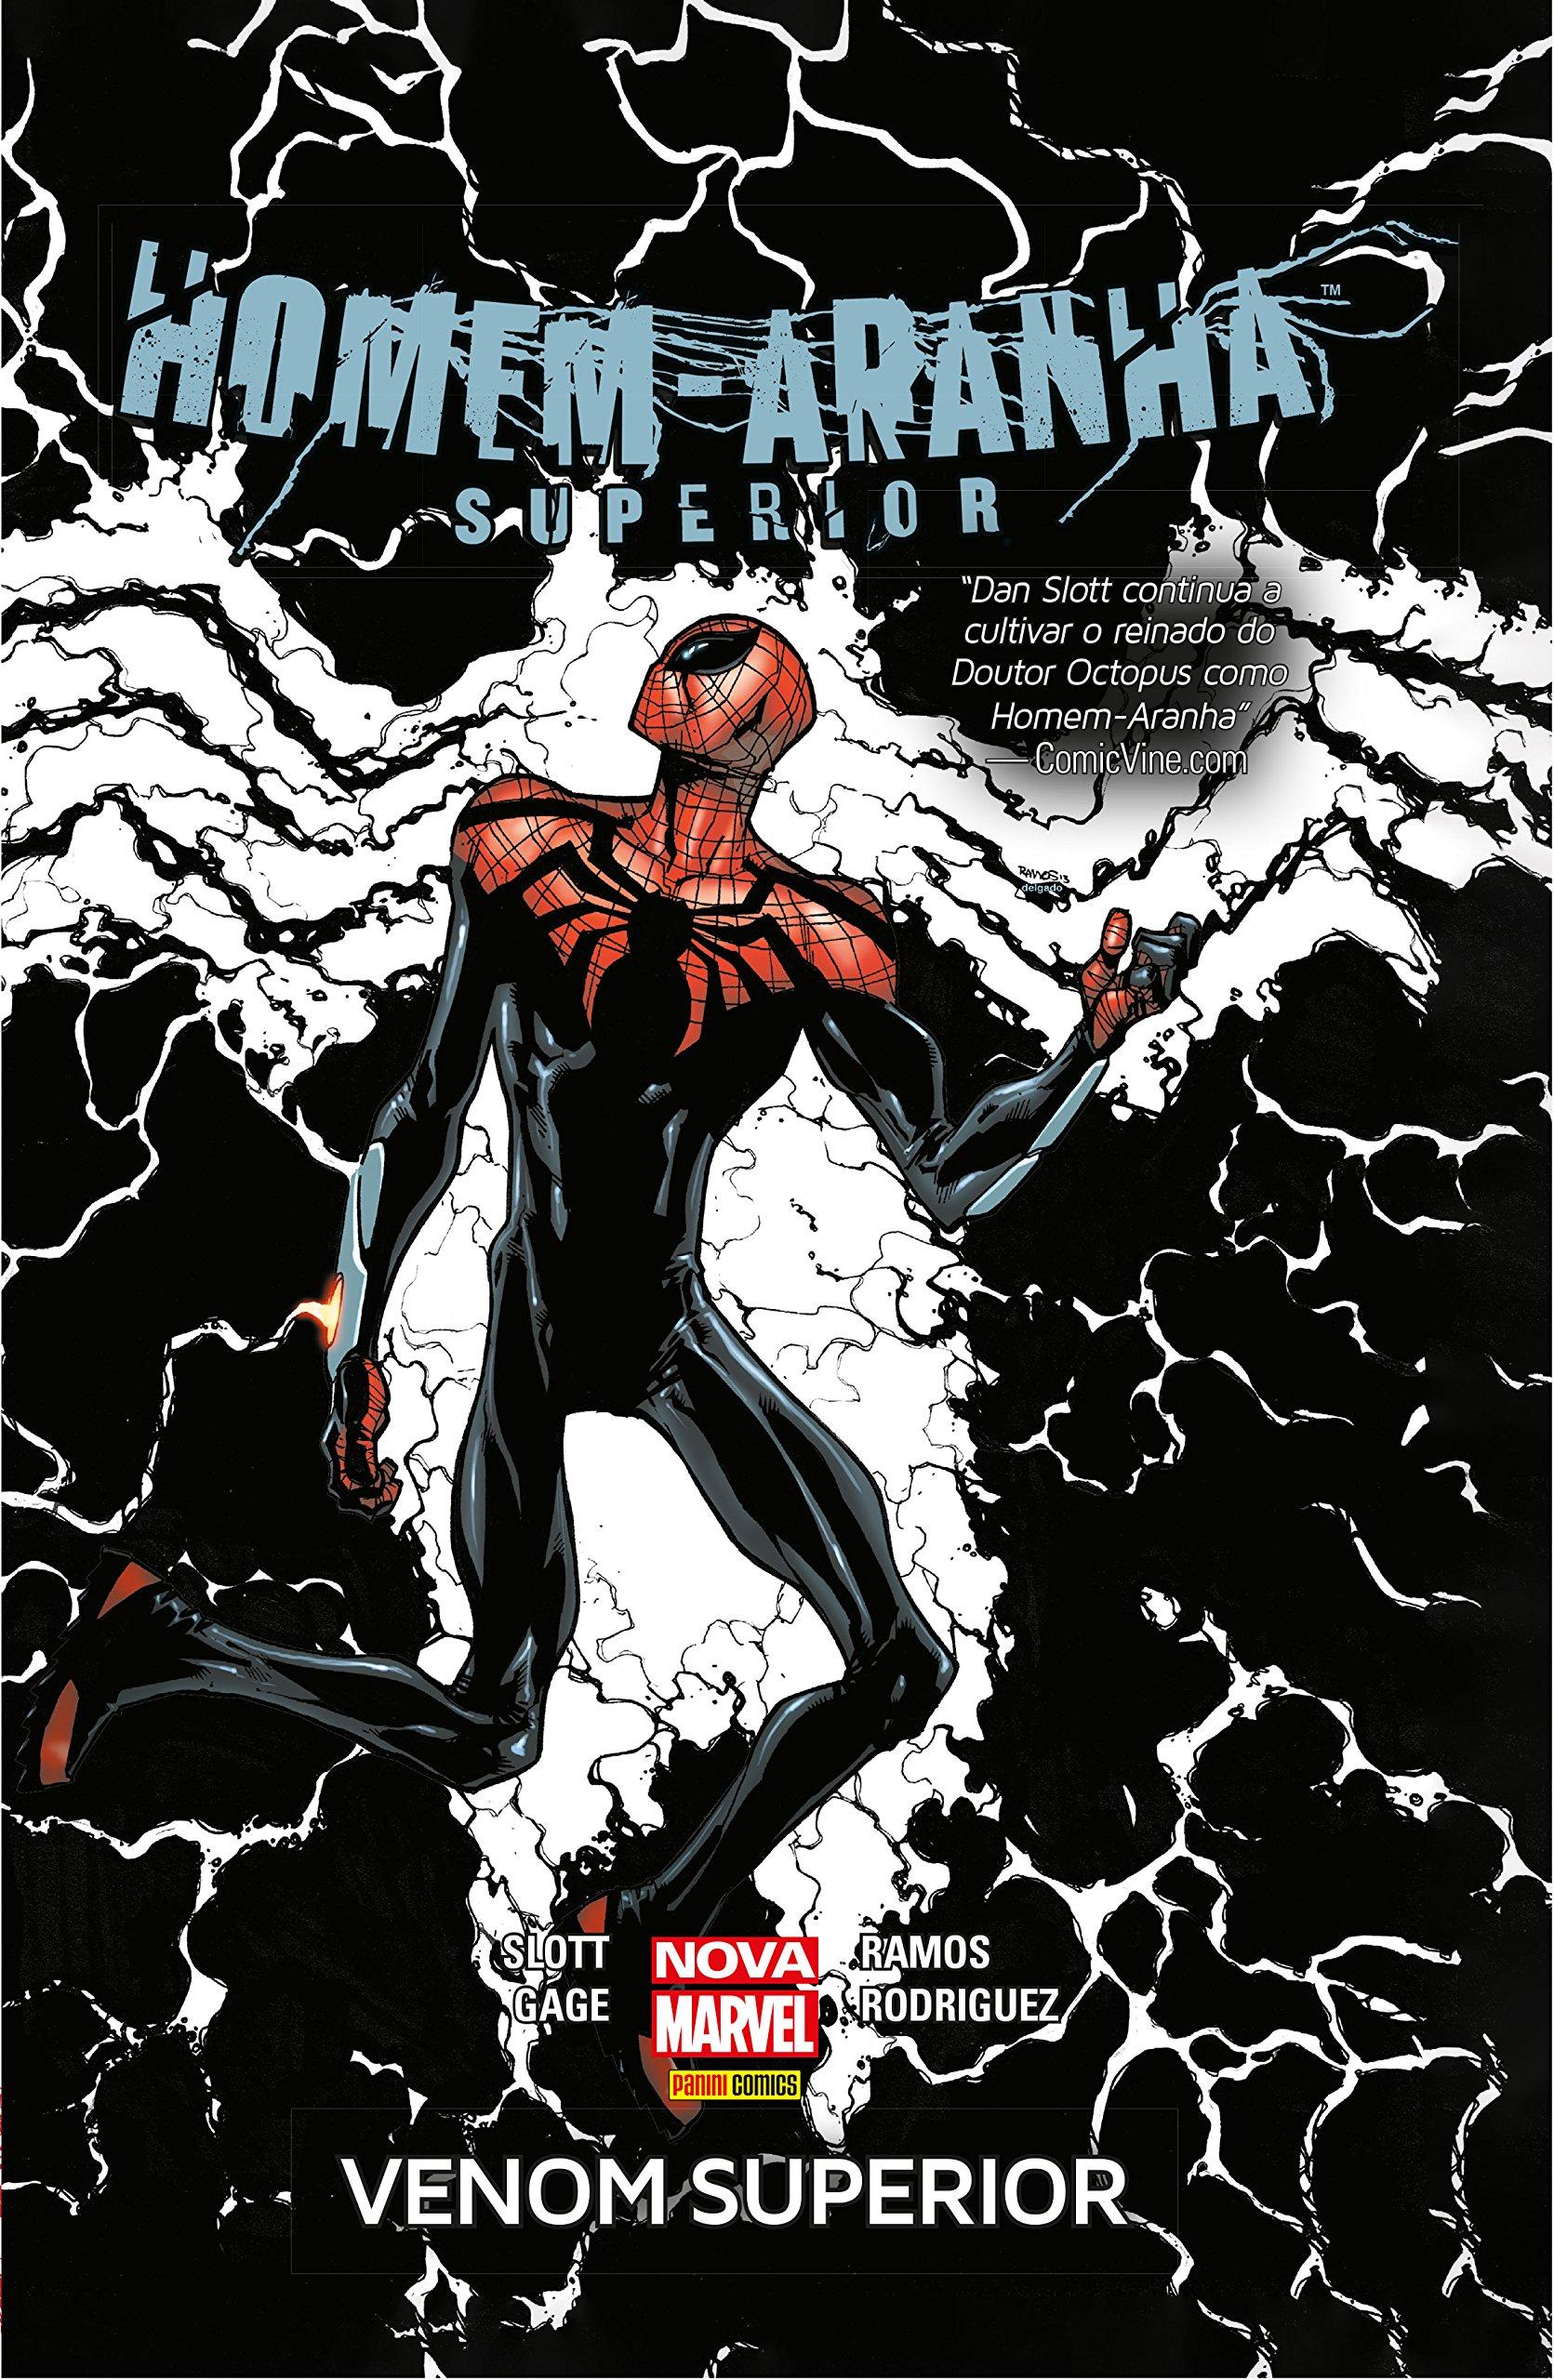 Resenha | Homem-Aranha Superior:  Venom Superior